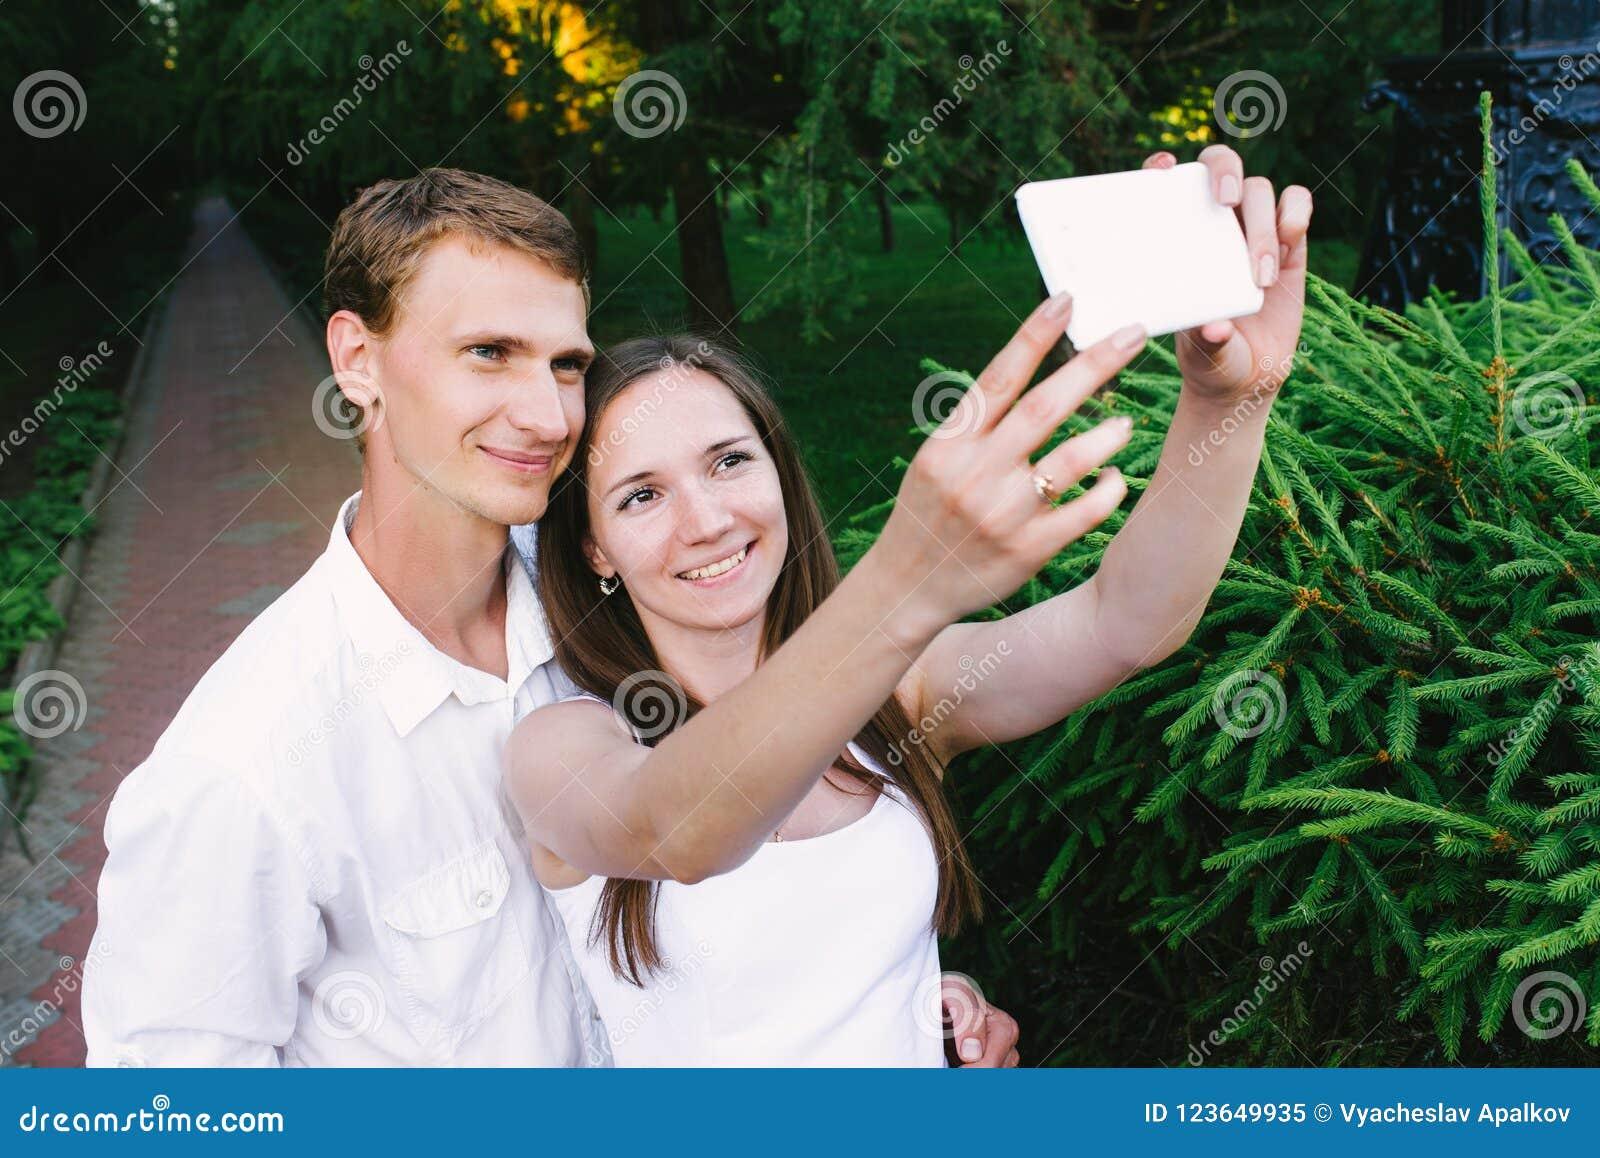 Couplez faire un selfie ensemble en parc vert